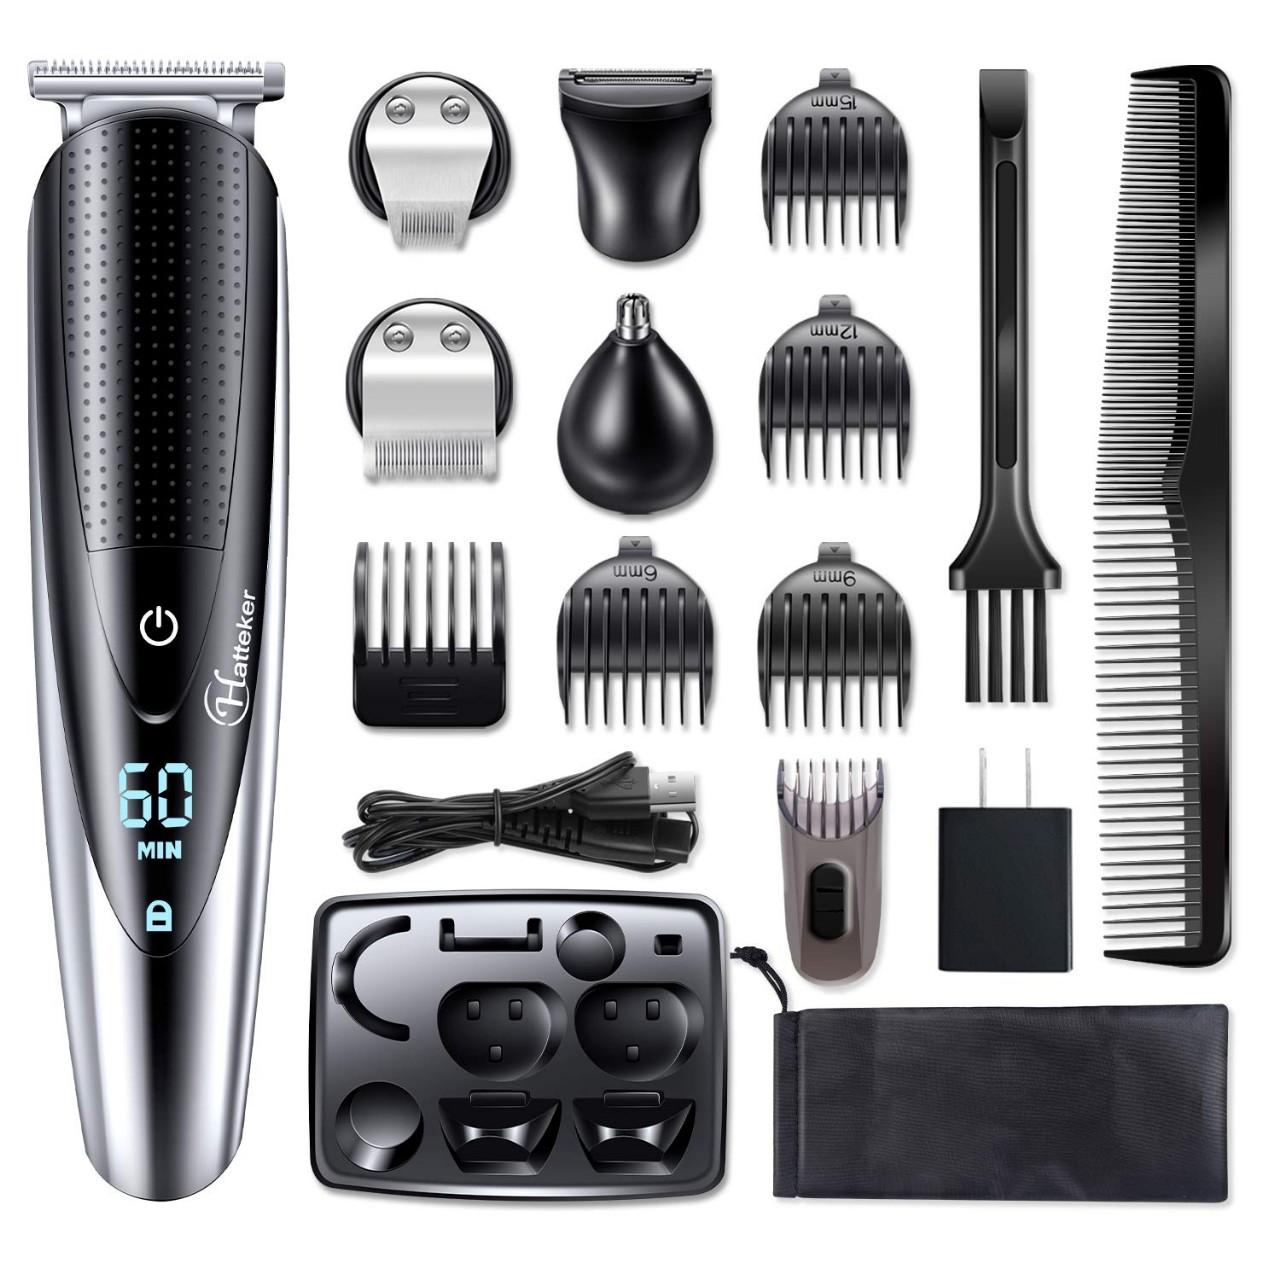 Hattteker Mens Hair Clipper Beard Trimmer Grooming kit Hair trimmer Mustache trimmer Body groomer